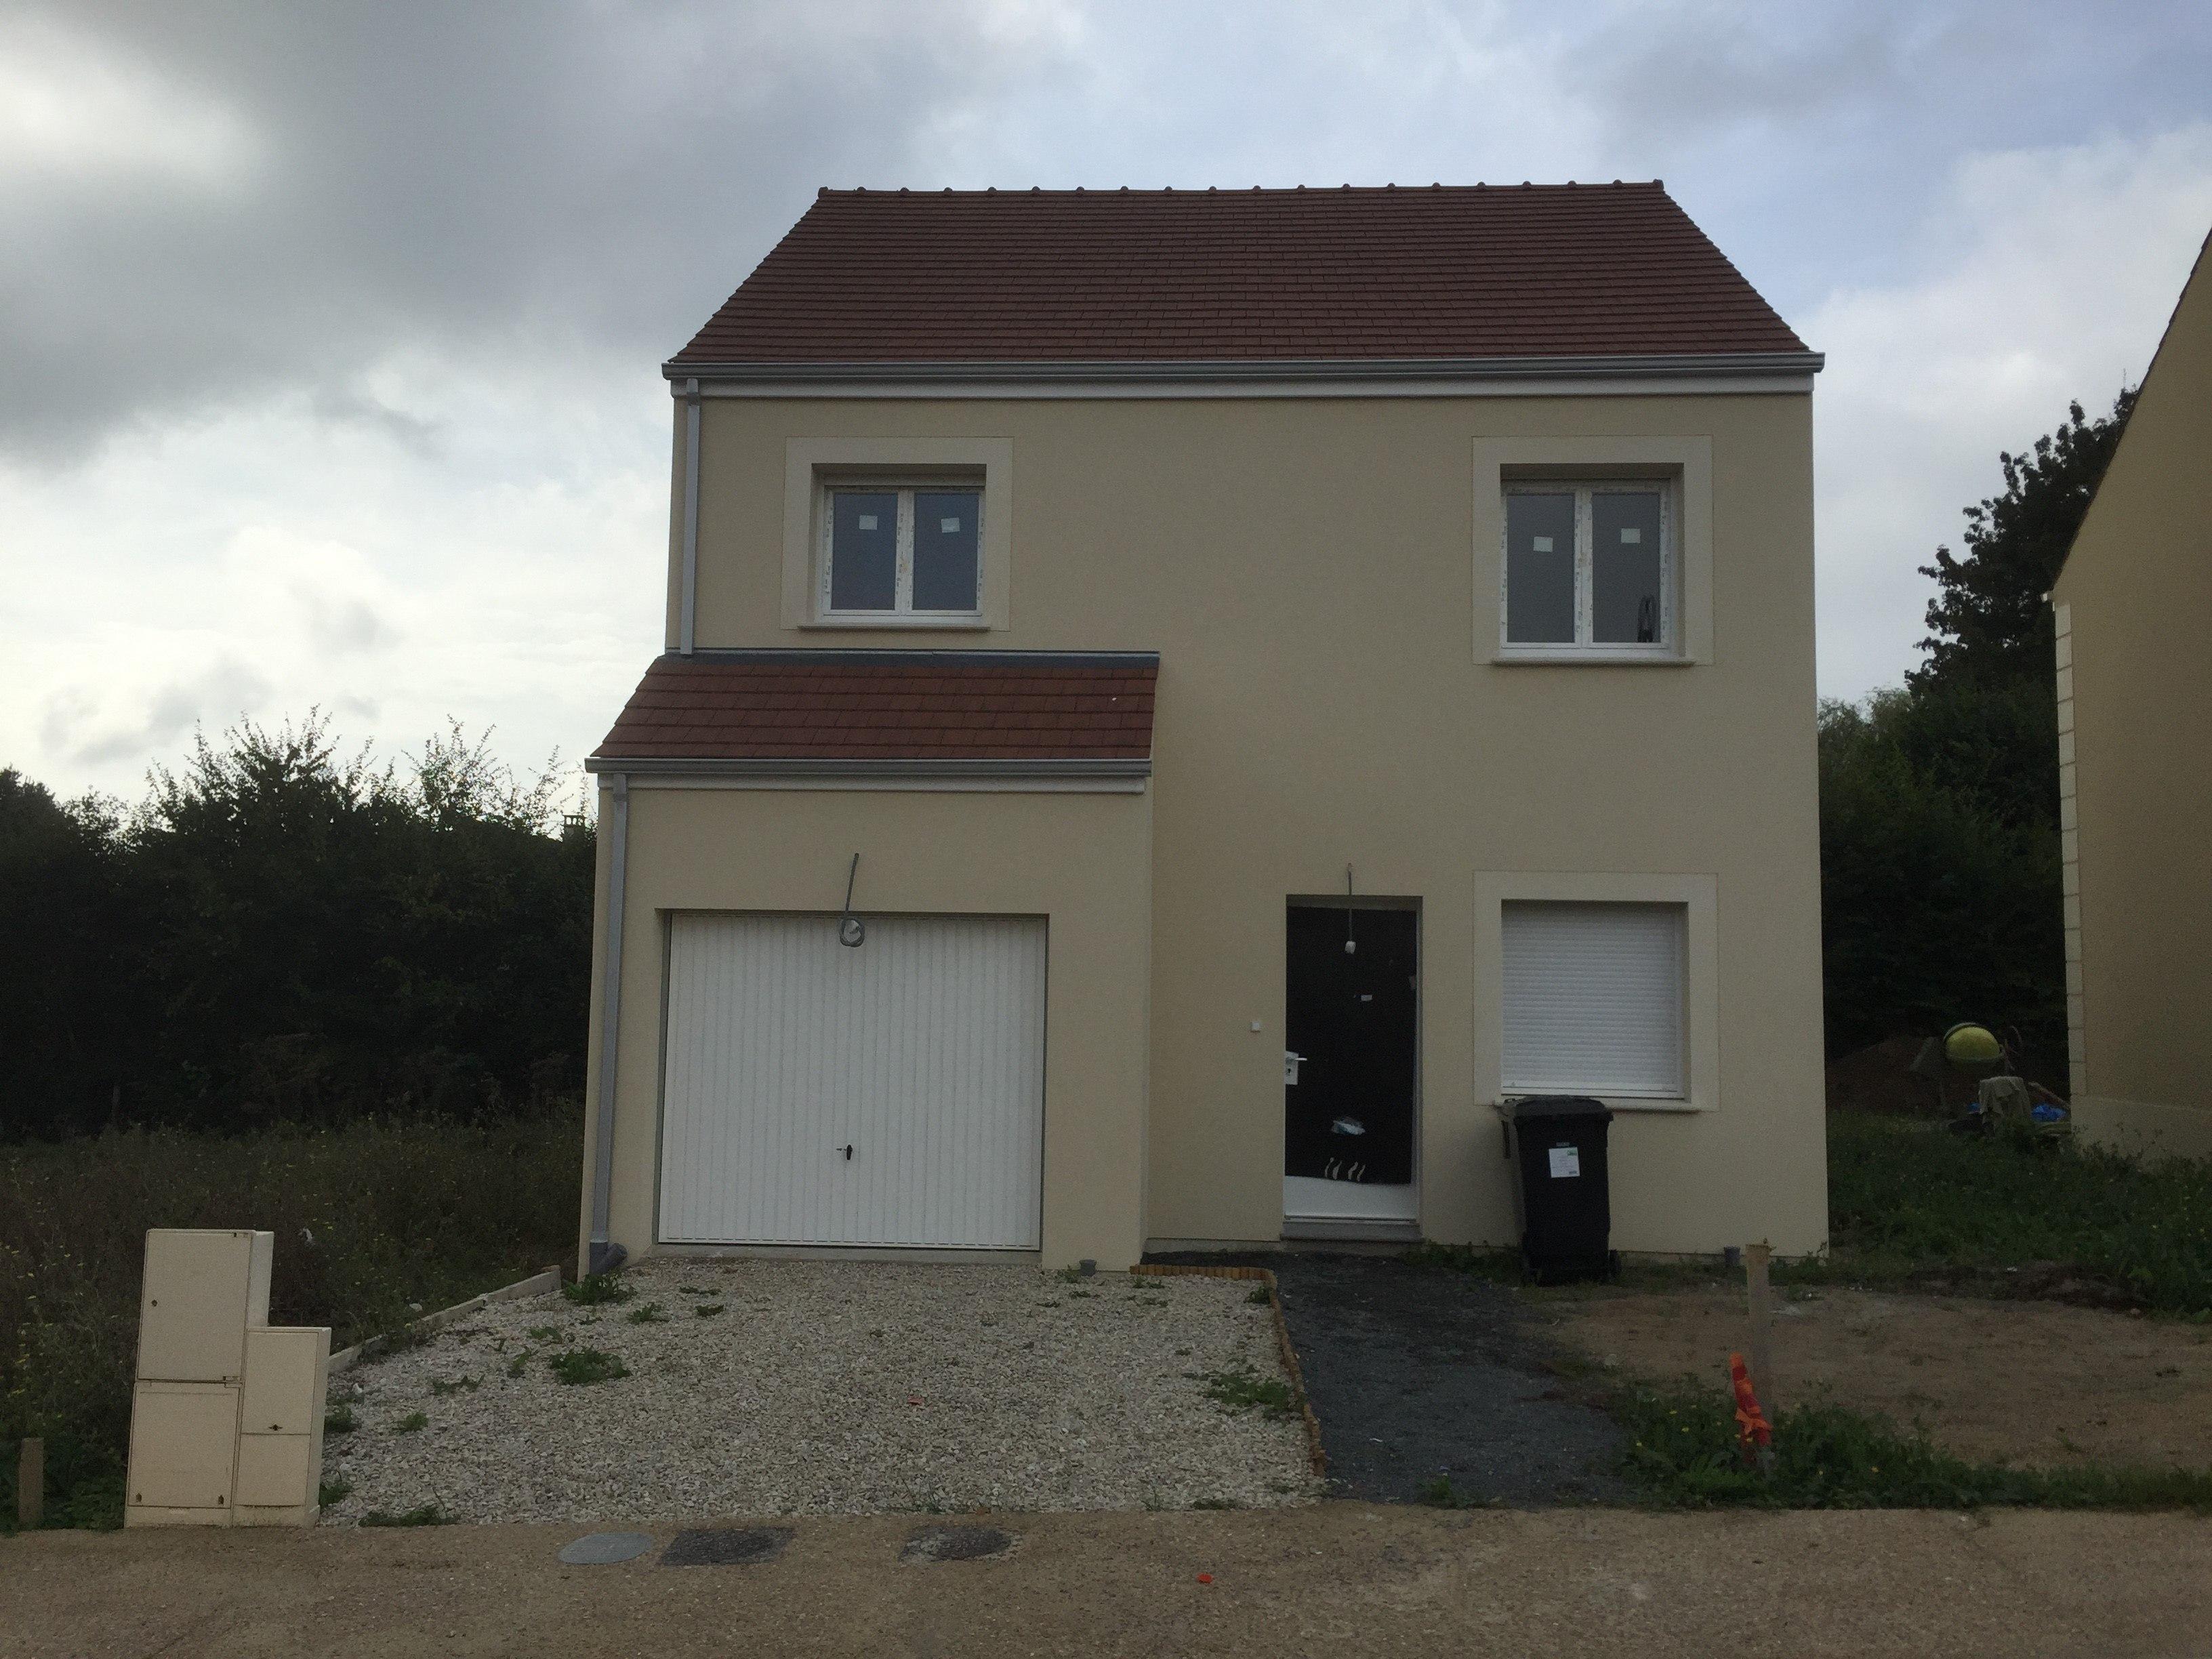 Maisons + Terrains du constructeur LES MAISONS.COM AULNAY SOUS BOIS • 86 m² • NANGIS